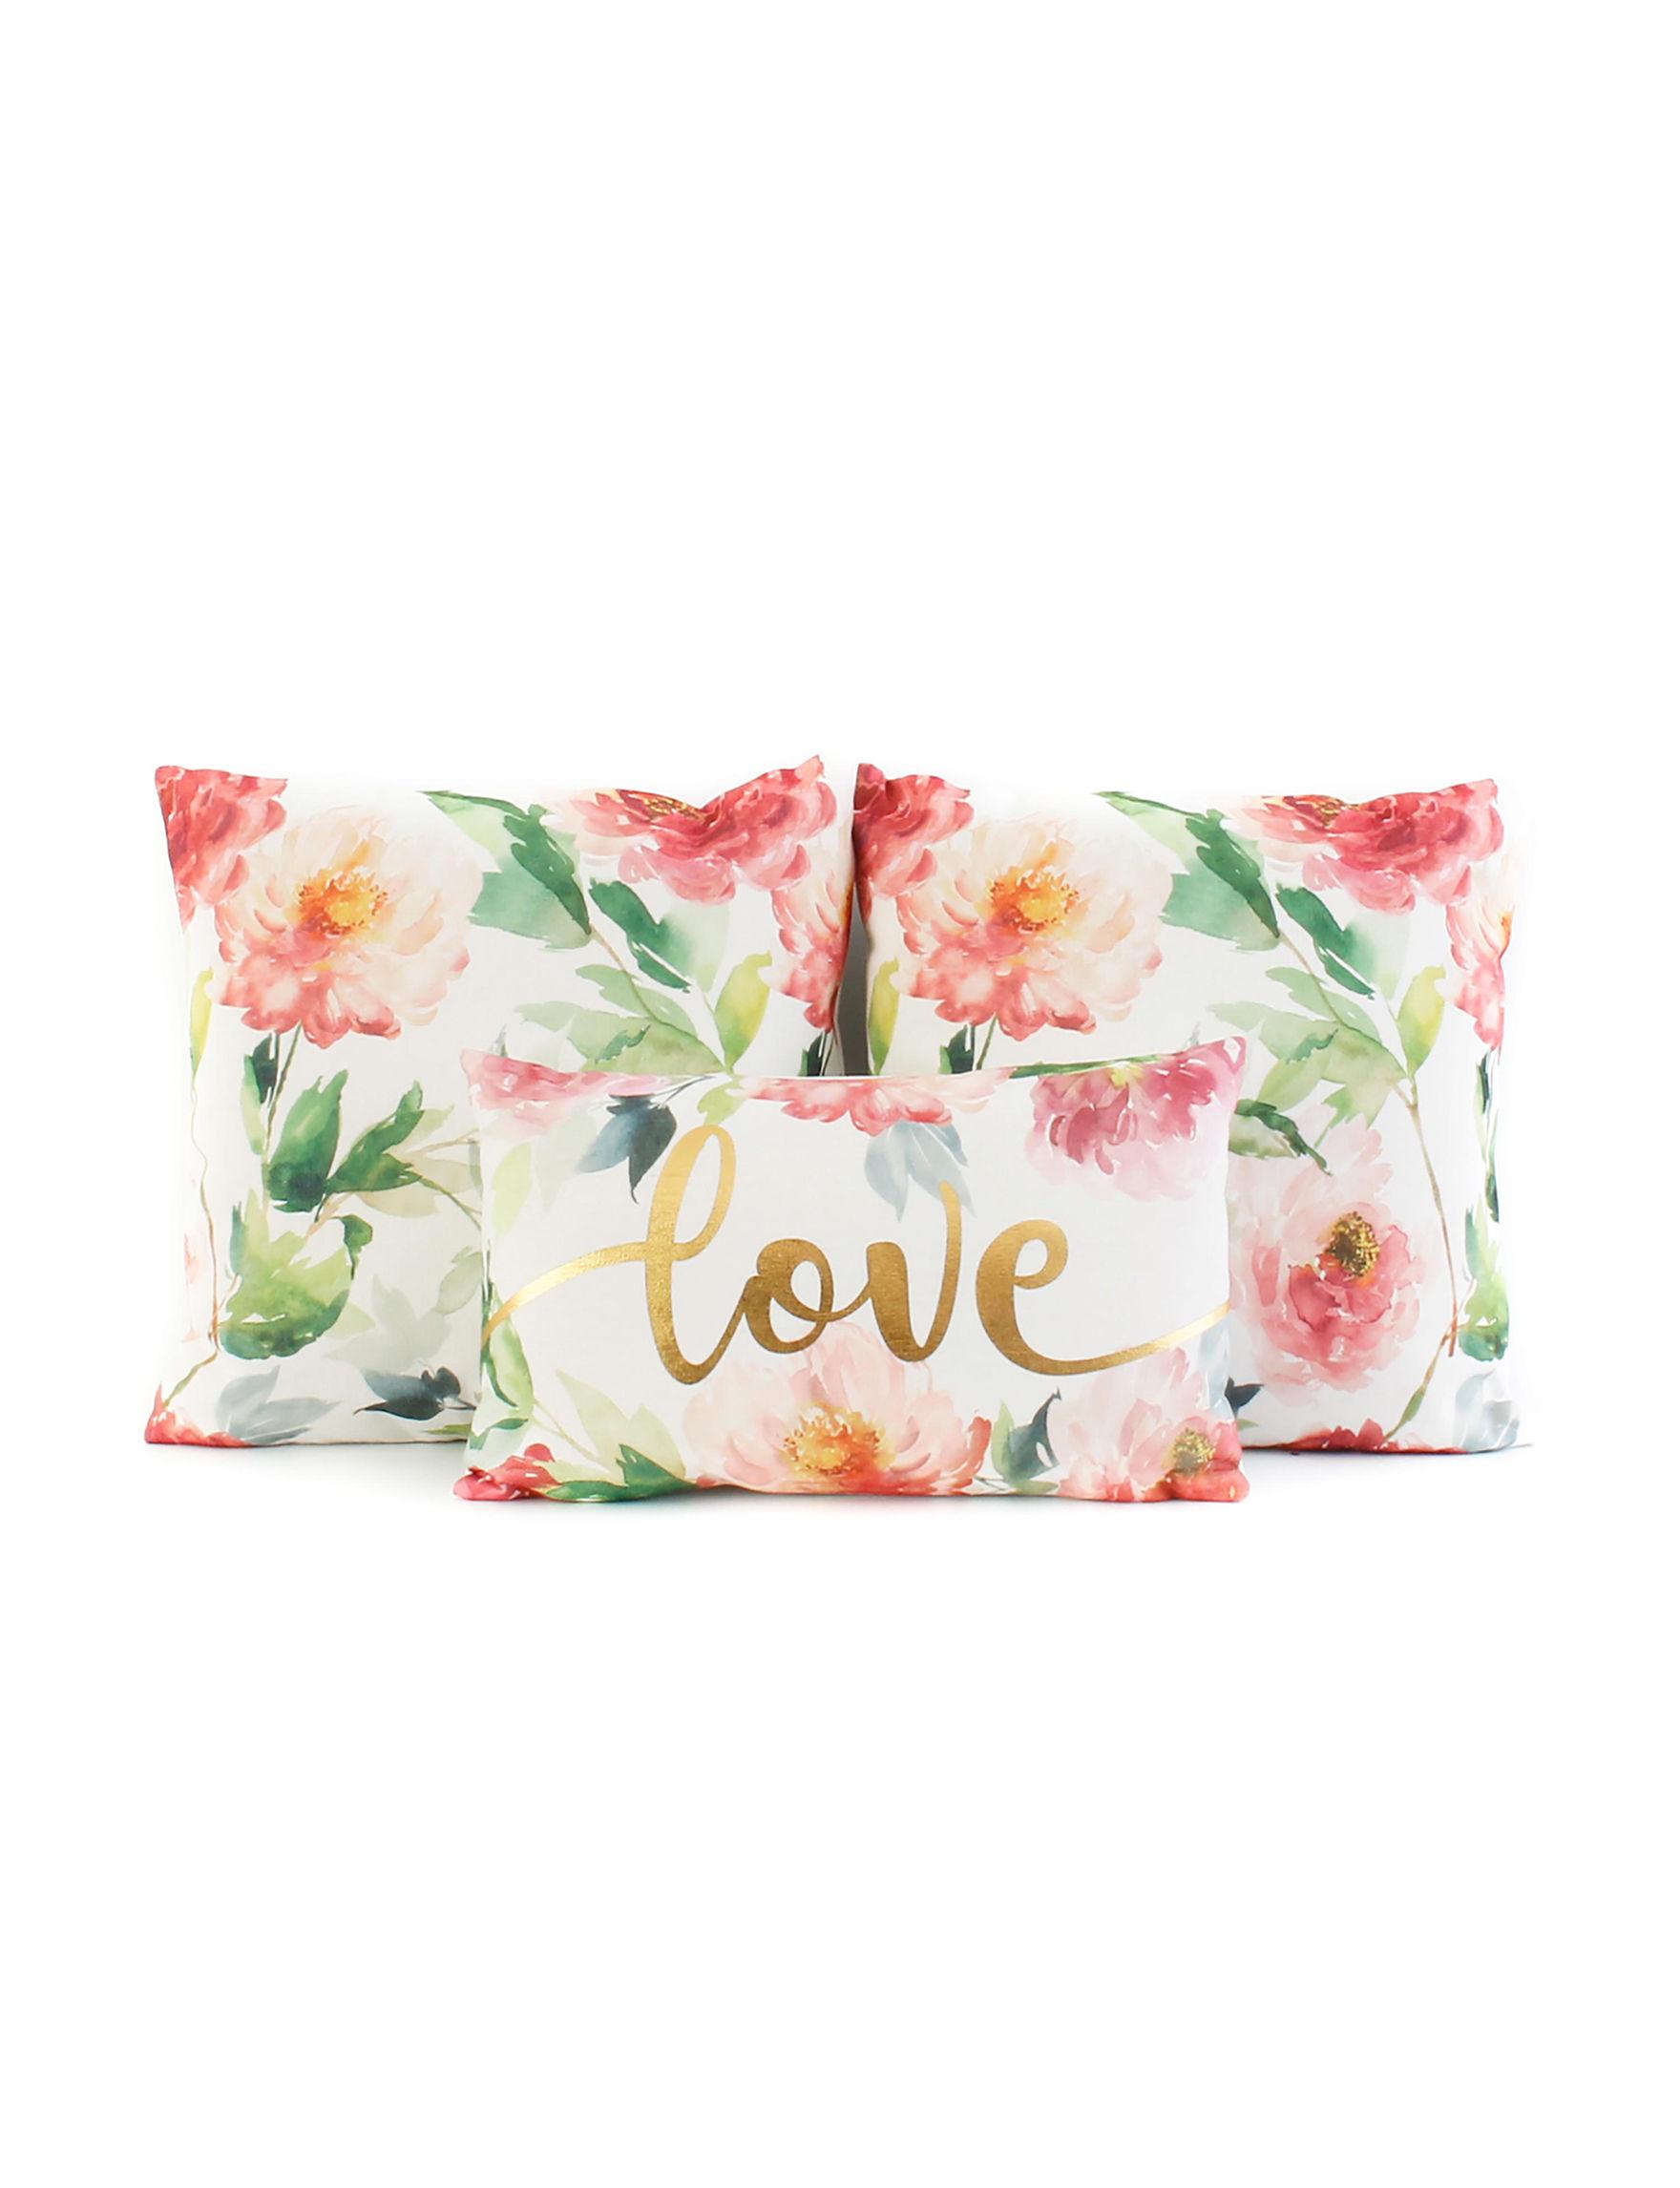 Thro White Floral Decorative Pillows